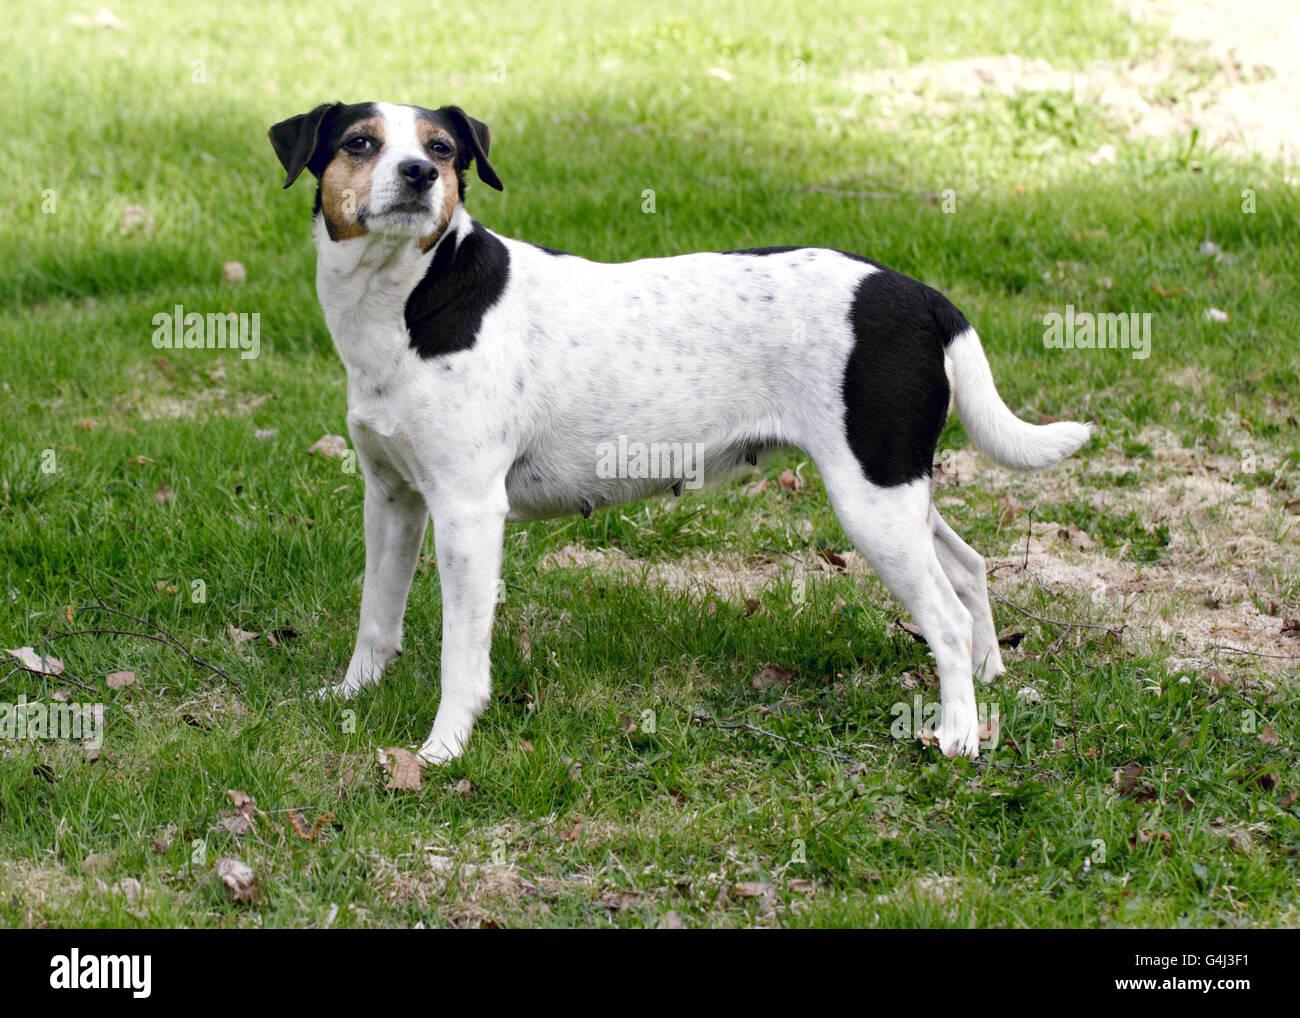 Danish Swedish farm dog Stock Photo